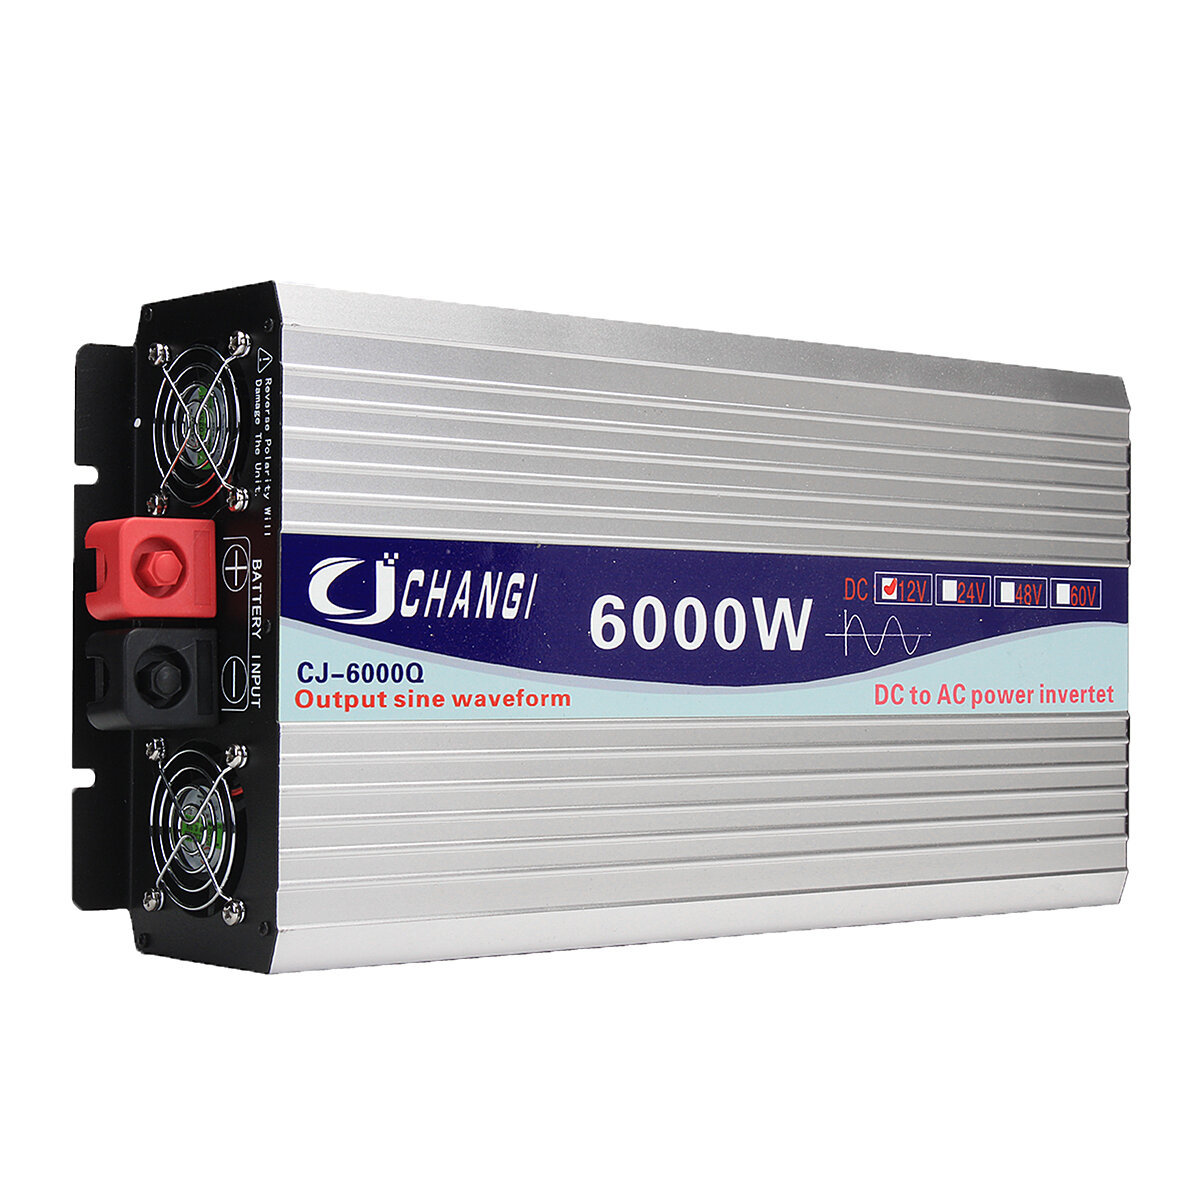 Banggood coupon: Inversor de onda senoidal pura solar inteligente DC 12V / 24V para AC 110V 60Hz 3000W / 4000W / 5000W / 6000W Conversor